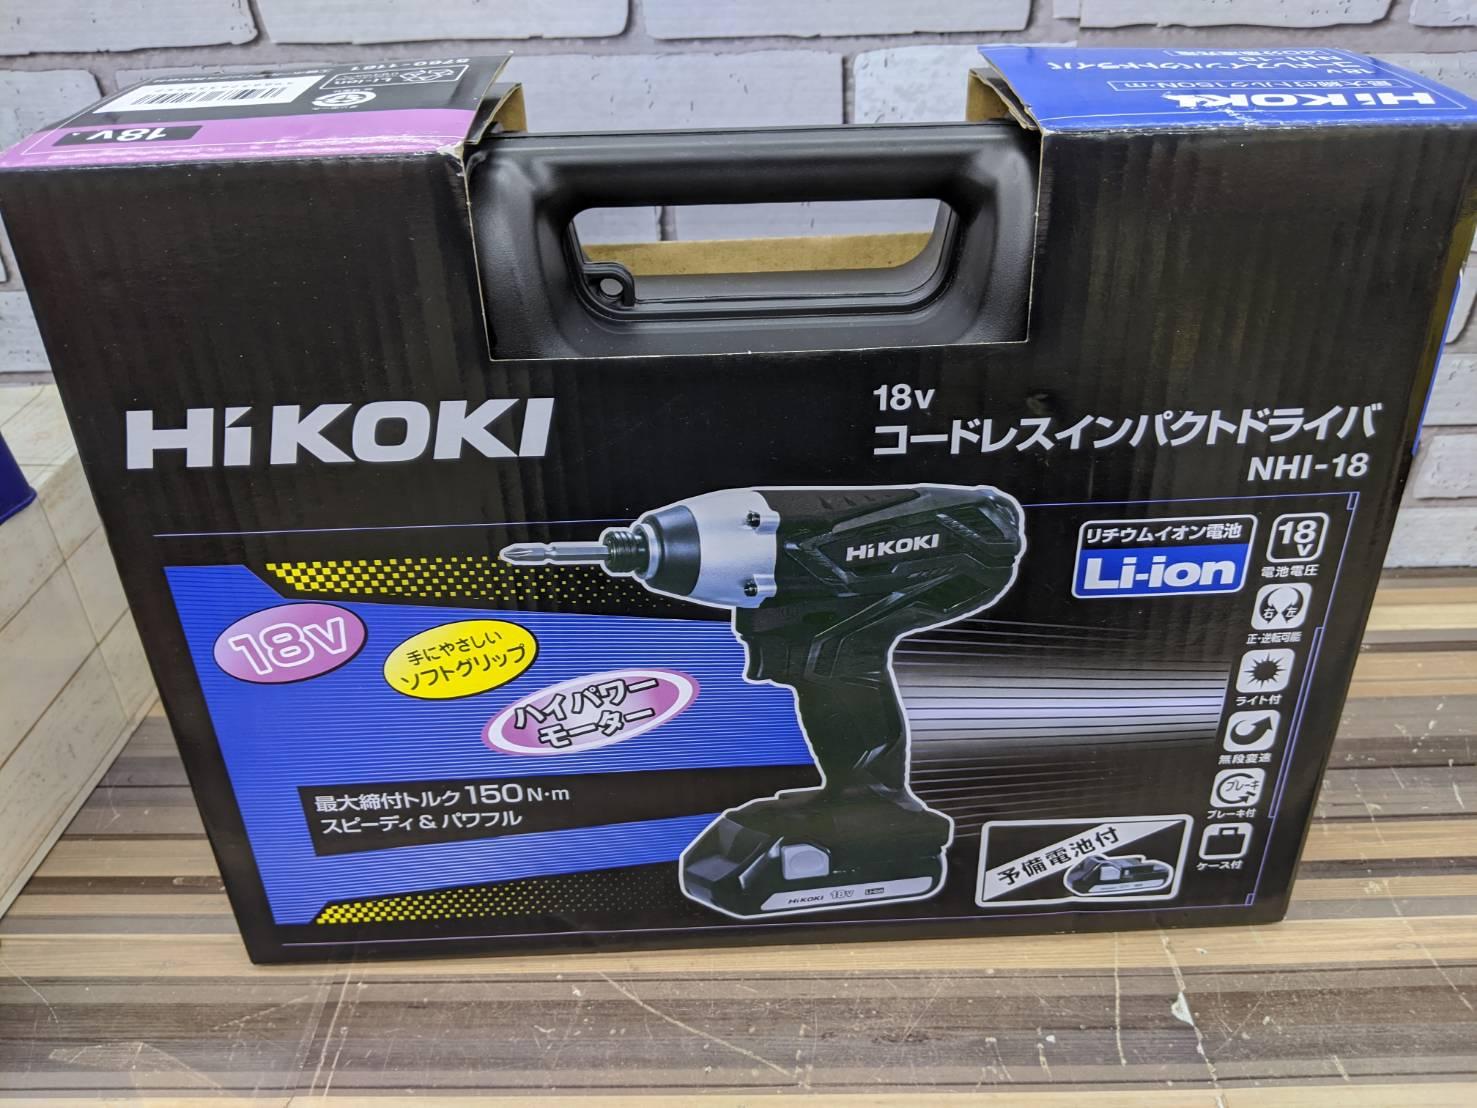 【HiKOKI コードレスインパクトドライバー NHI-18 18V】を買取致しました。の買取-